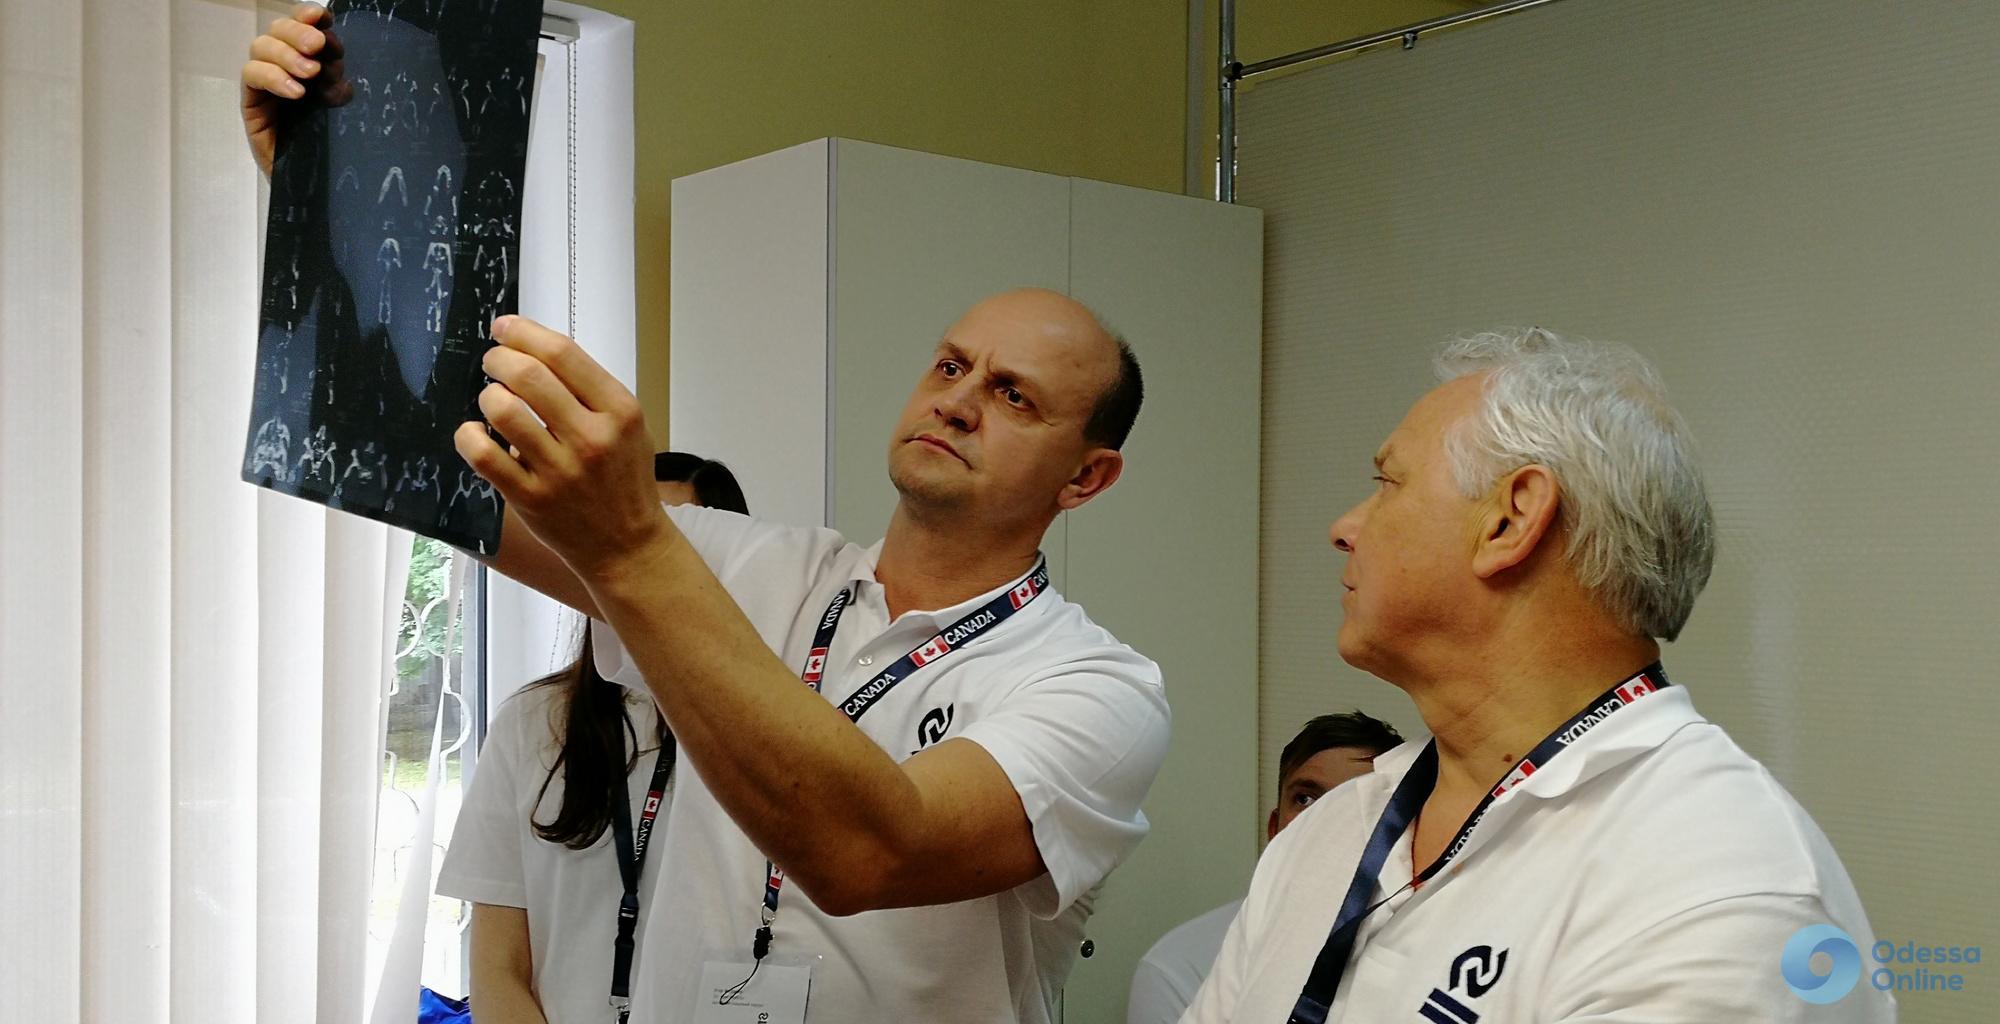 Одесса: канадские хирурги делают украинским военным бесплатную пластику